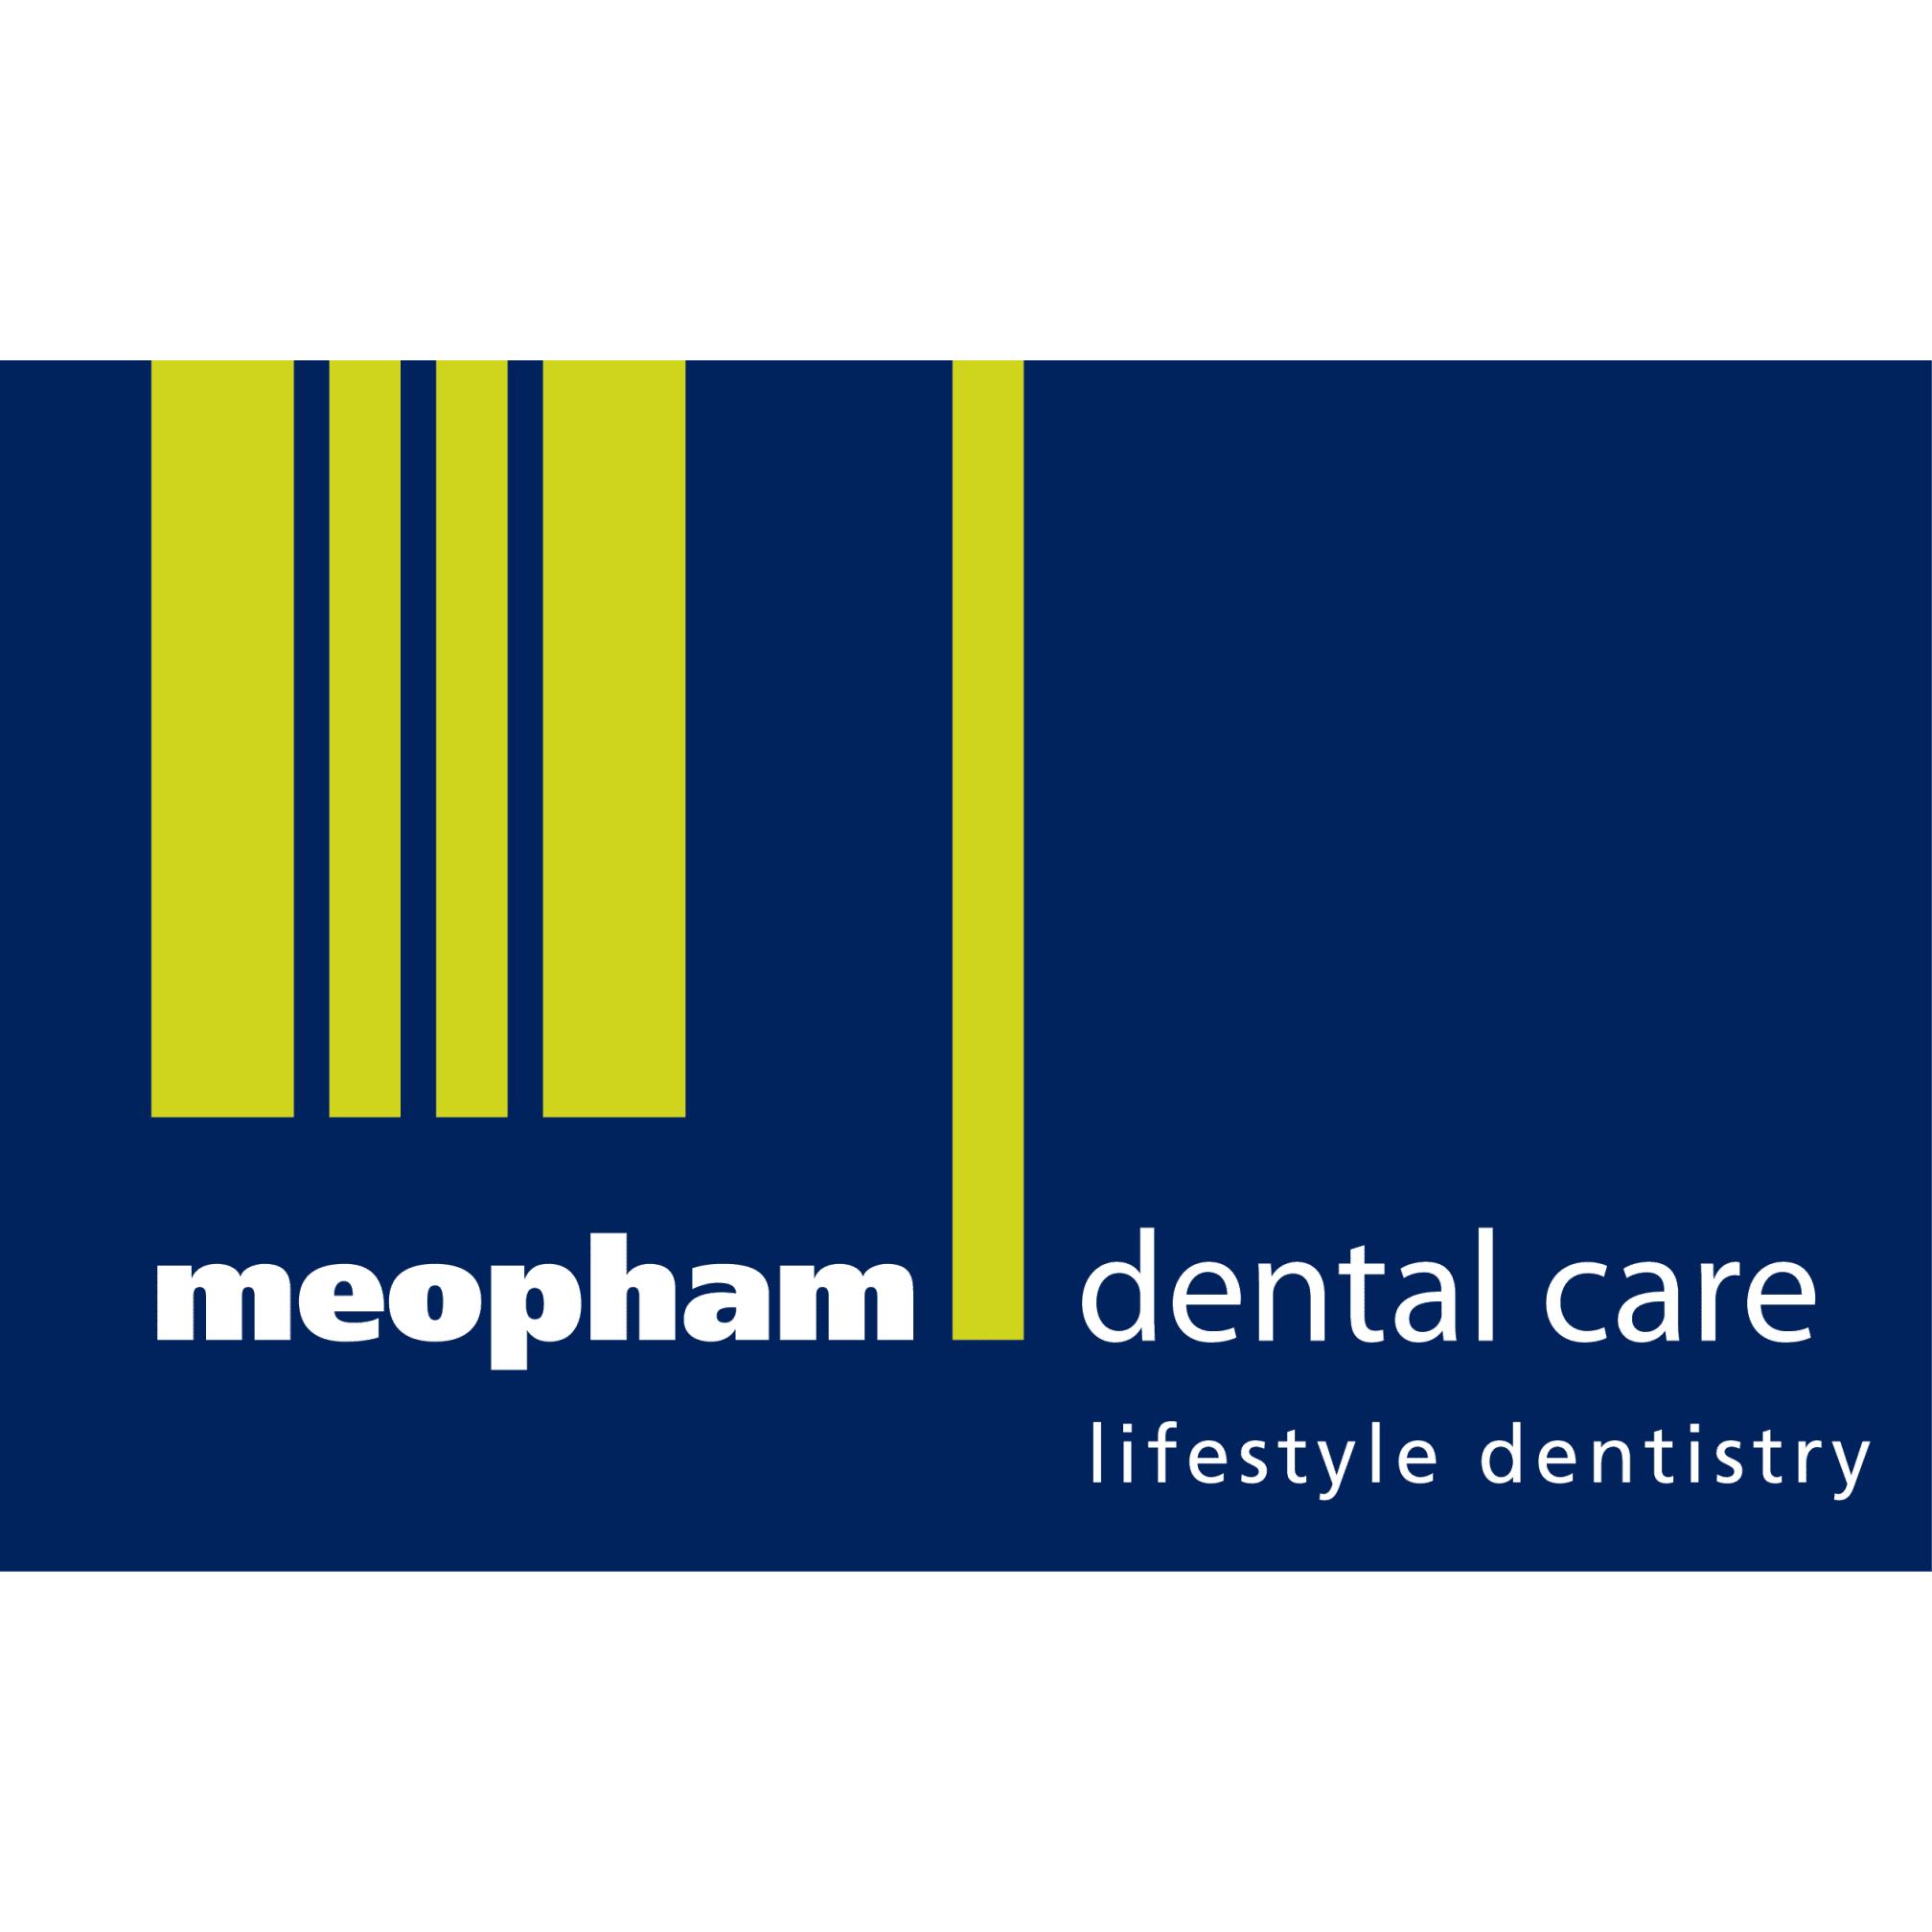 Meopham Dental Care - Gravesend, Kent DA13 0QB - 01474 815500 | ShowMeLocal.com